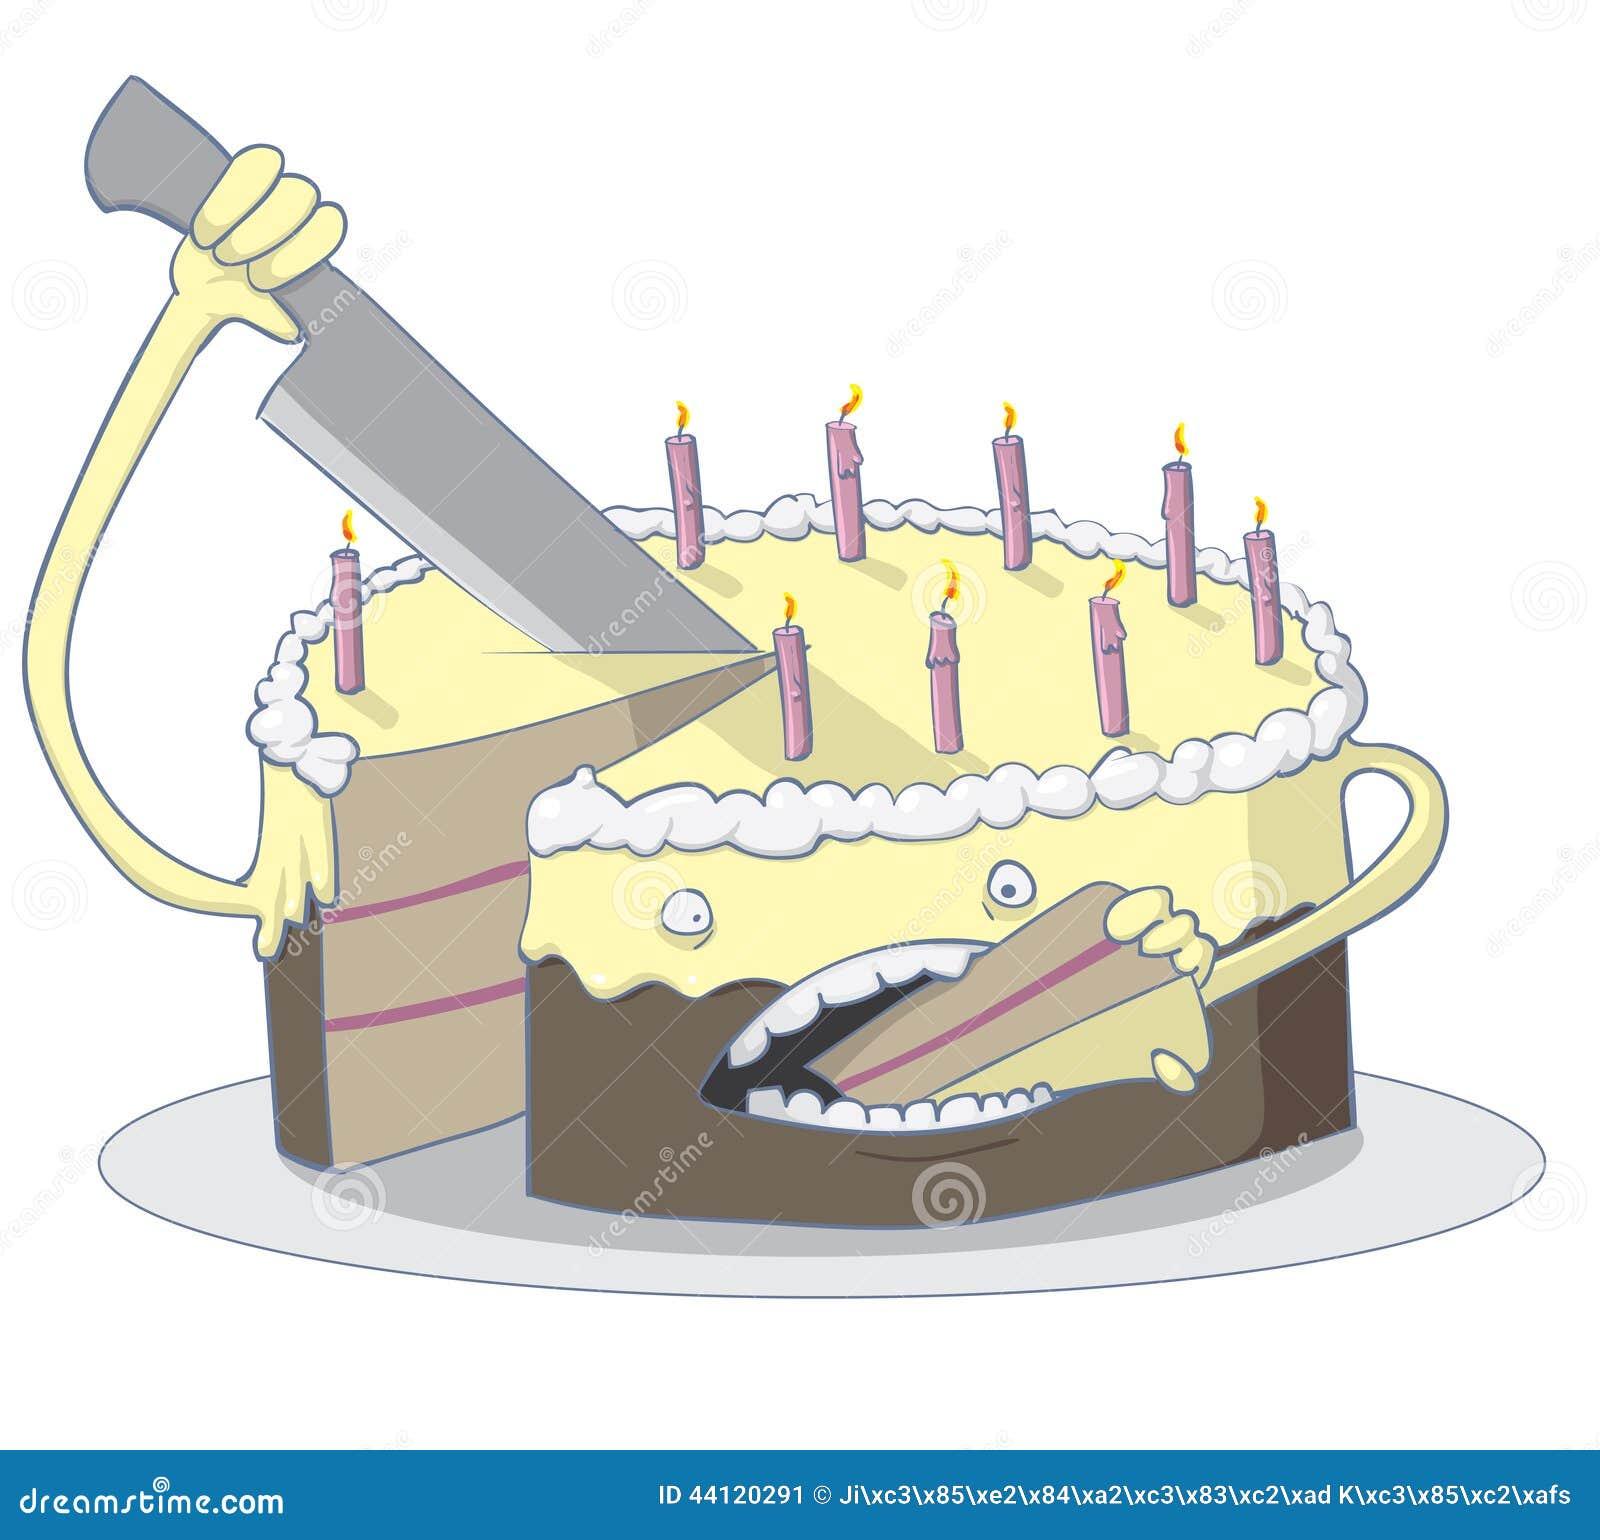 Cake Eating Itself Stock Vector Image 44120291